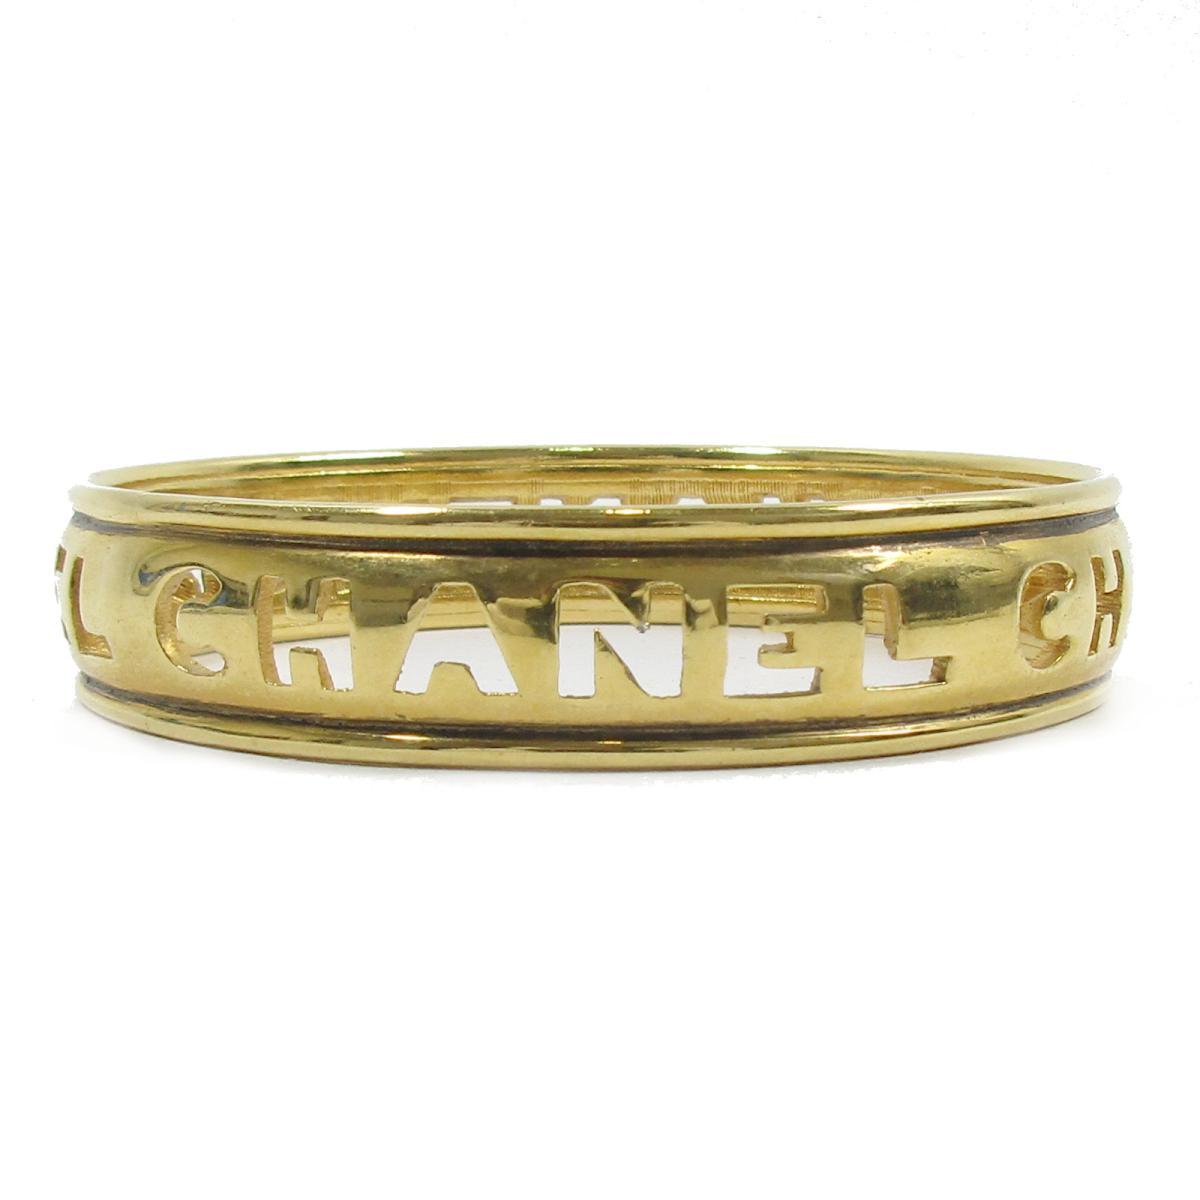 シャネル ロゴブレスレット バングル 腕輪 アクセサリー レディース GP (ゴールドメッキ) ゴールド 【中古】 | CHANEL BRANDOFF ブランドオフ ブランド ブレスレット